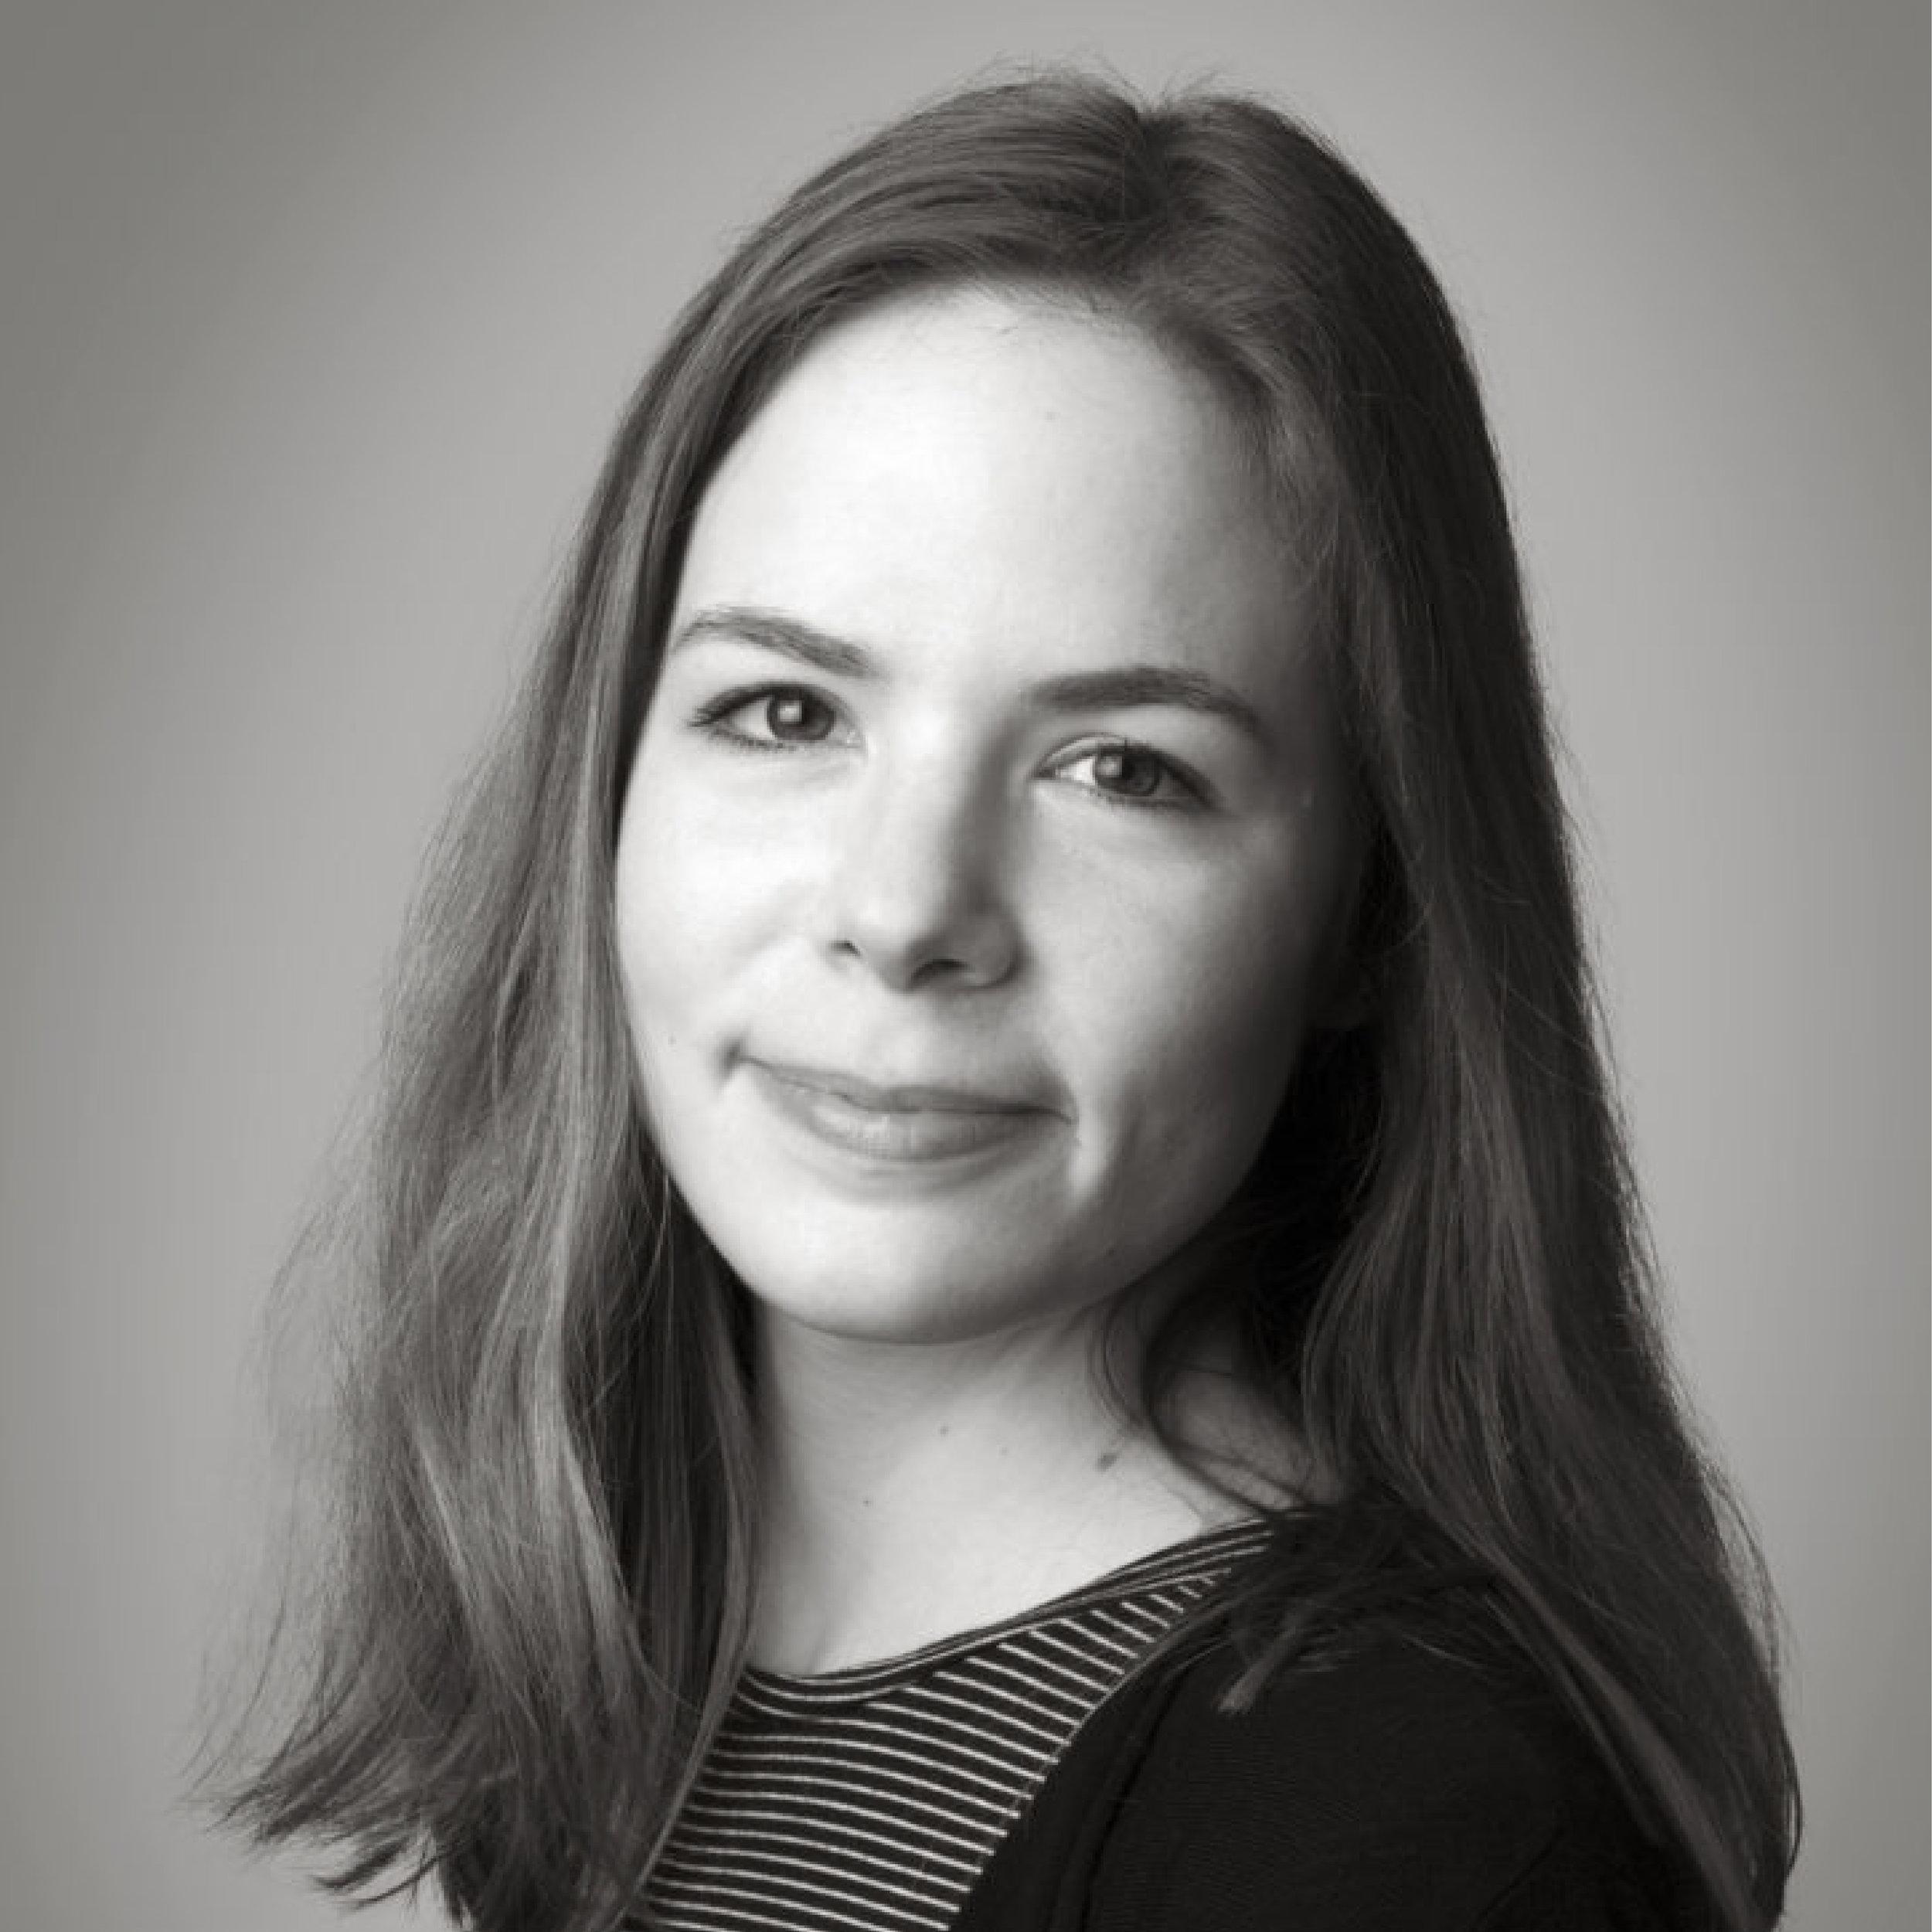 Lisa Schultz